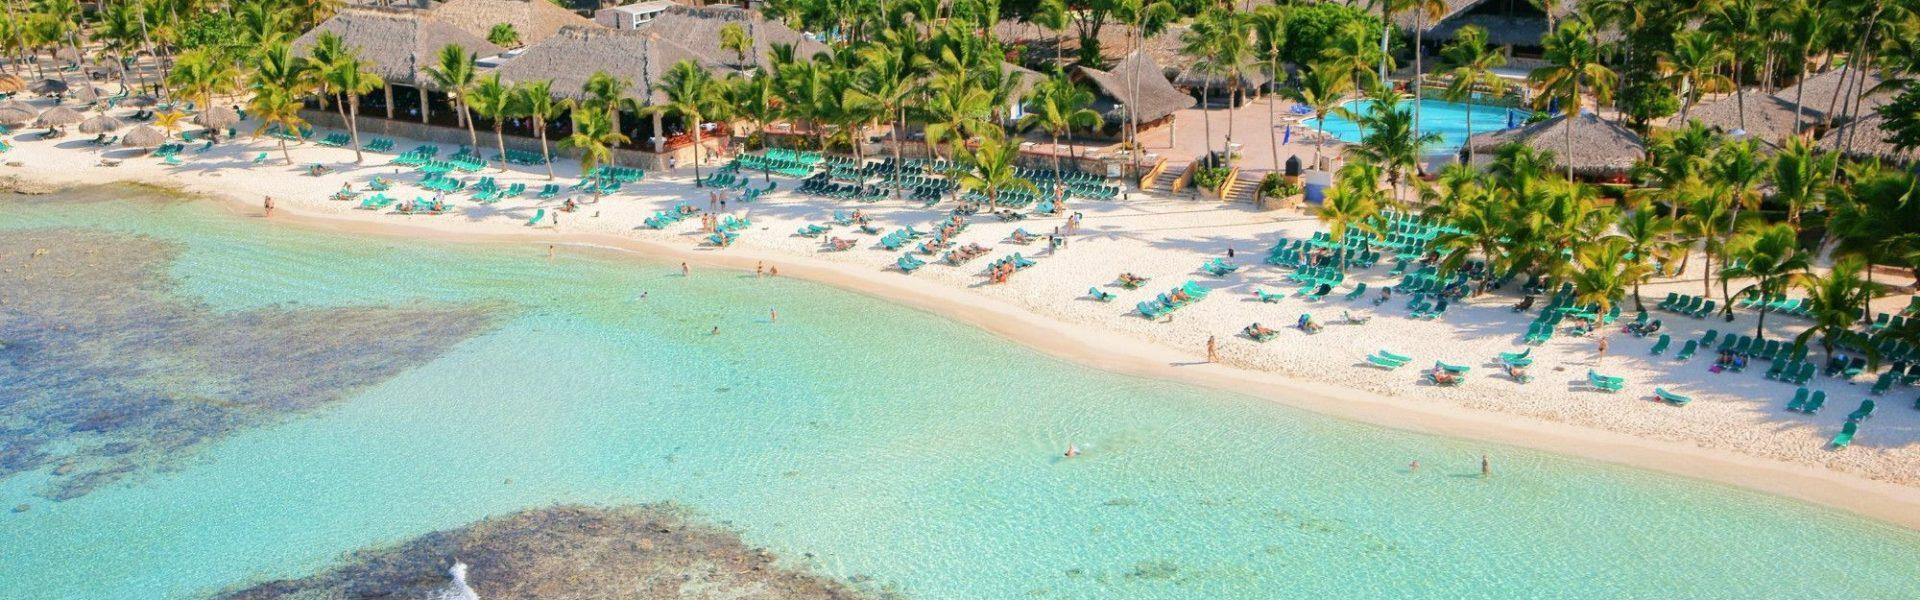 Santo Domingo – Resort Senza Barriere su Spiaggia di Corallo Bianco